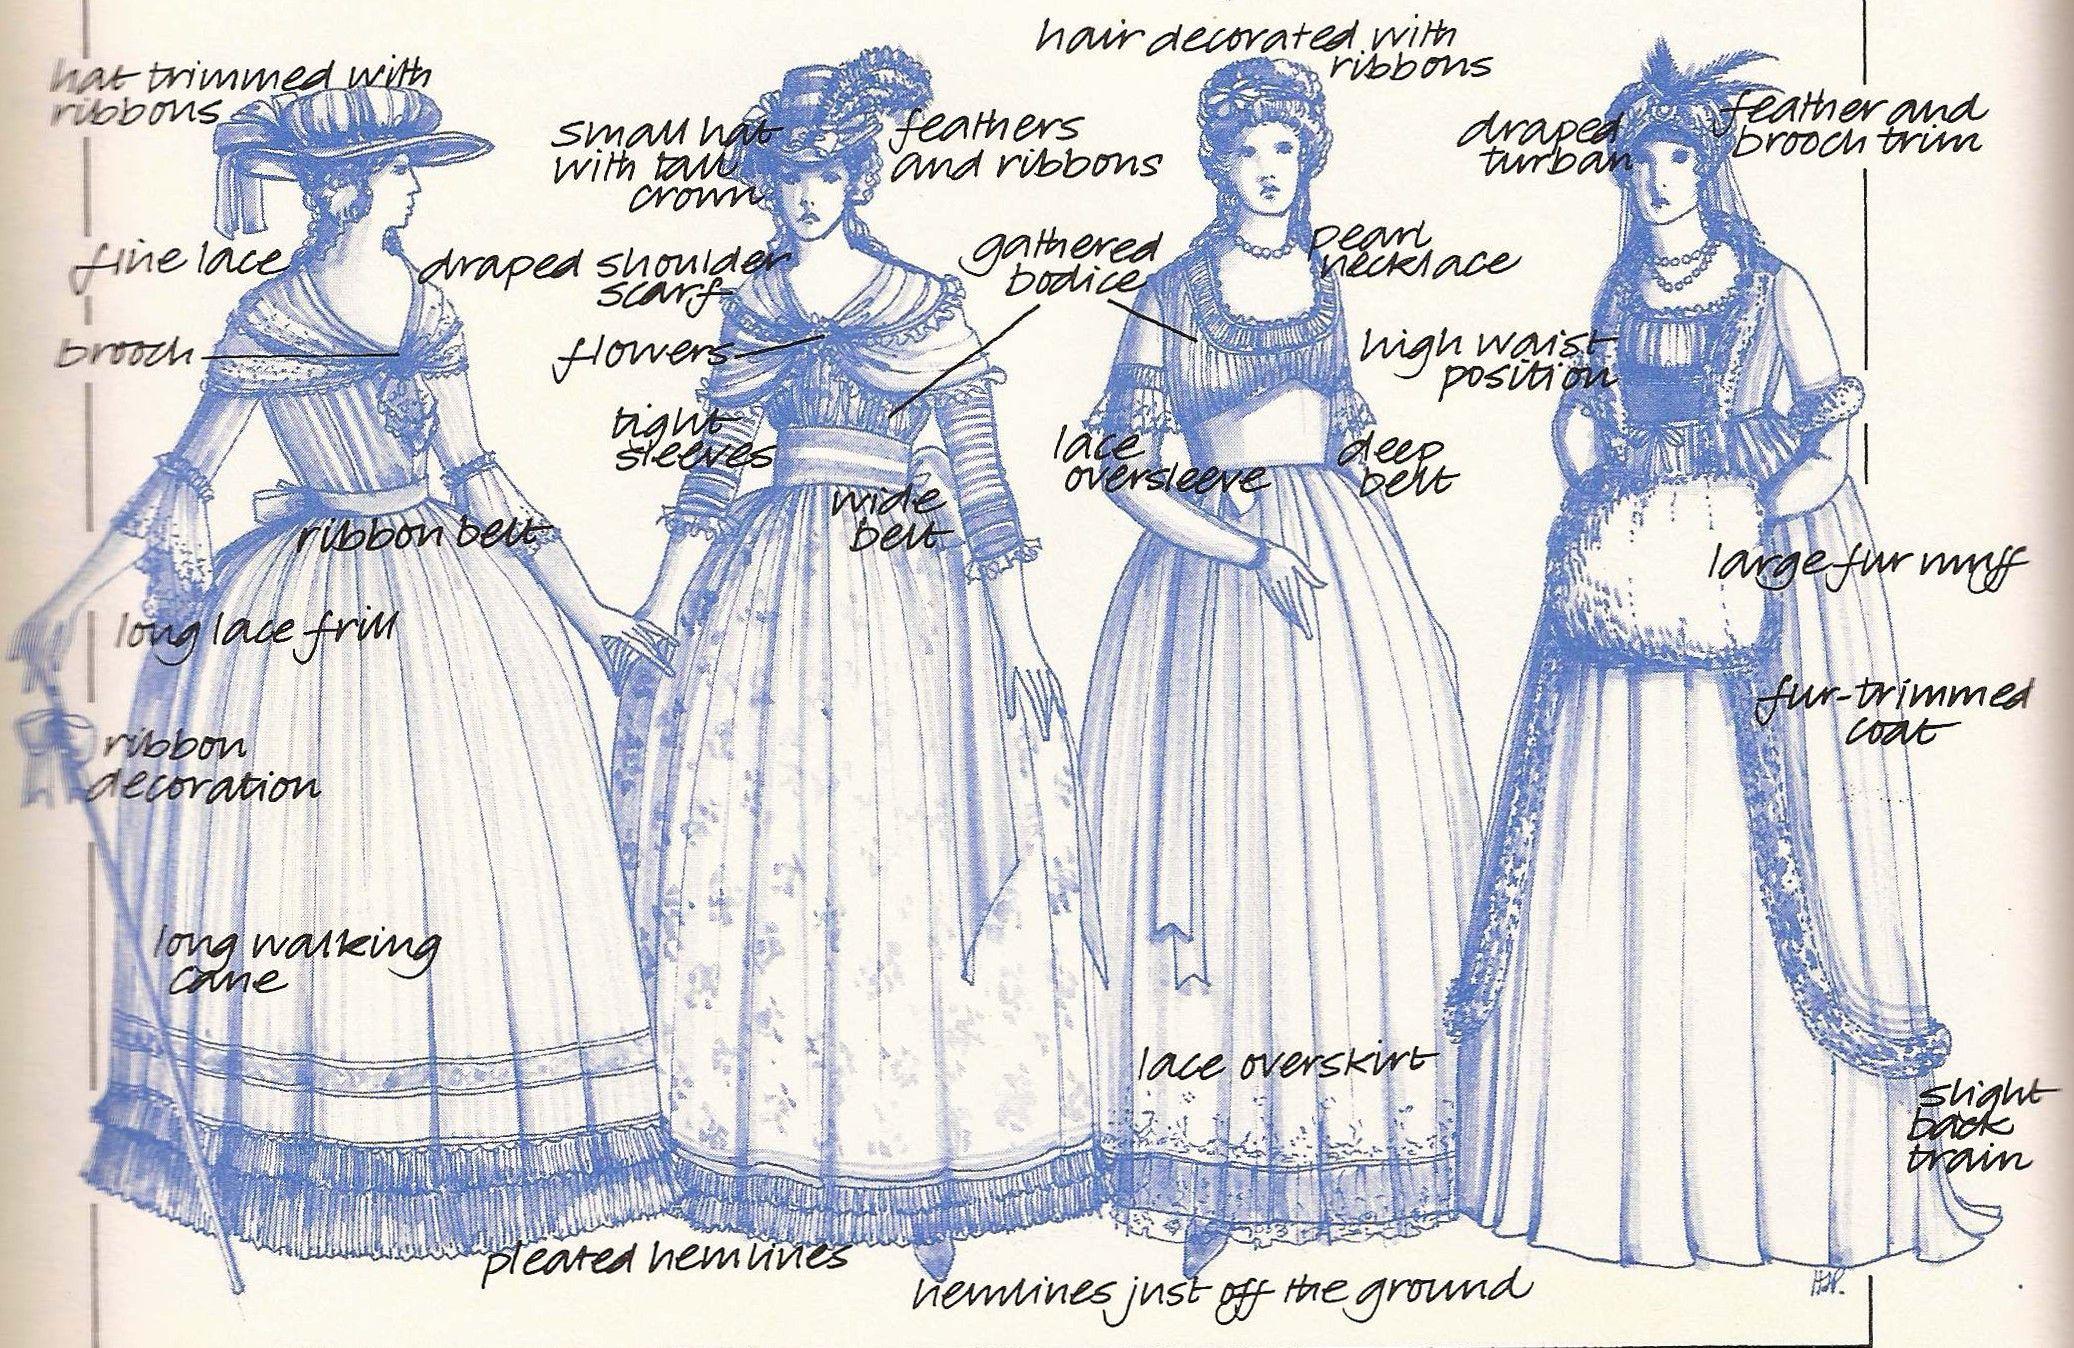 Annotated Progression Of La S Fashion